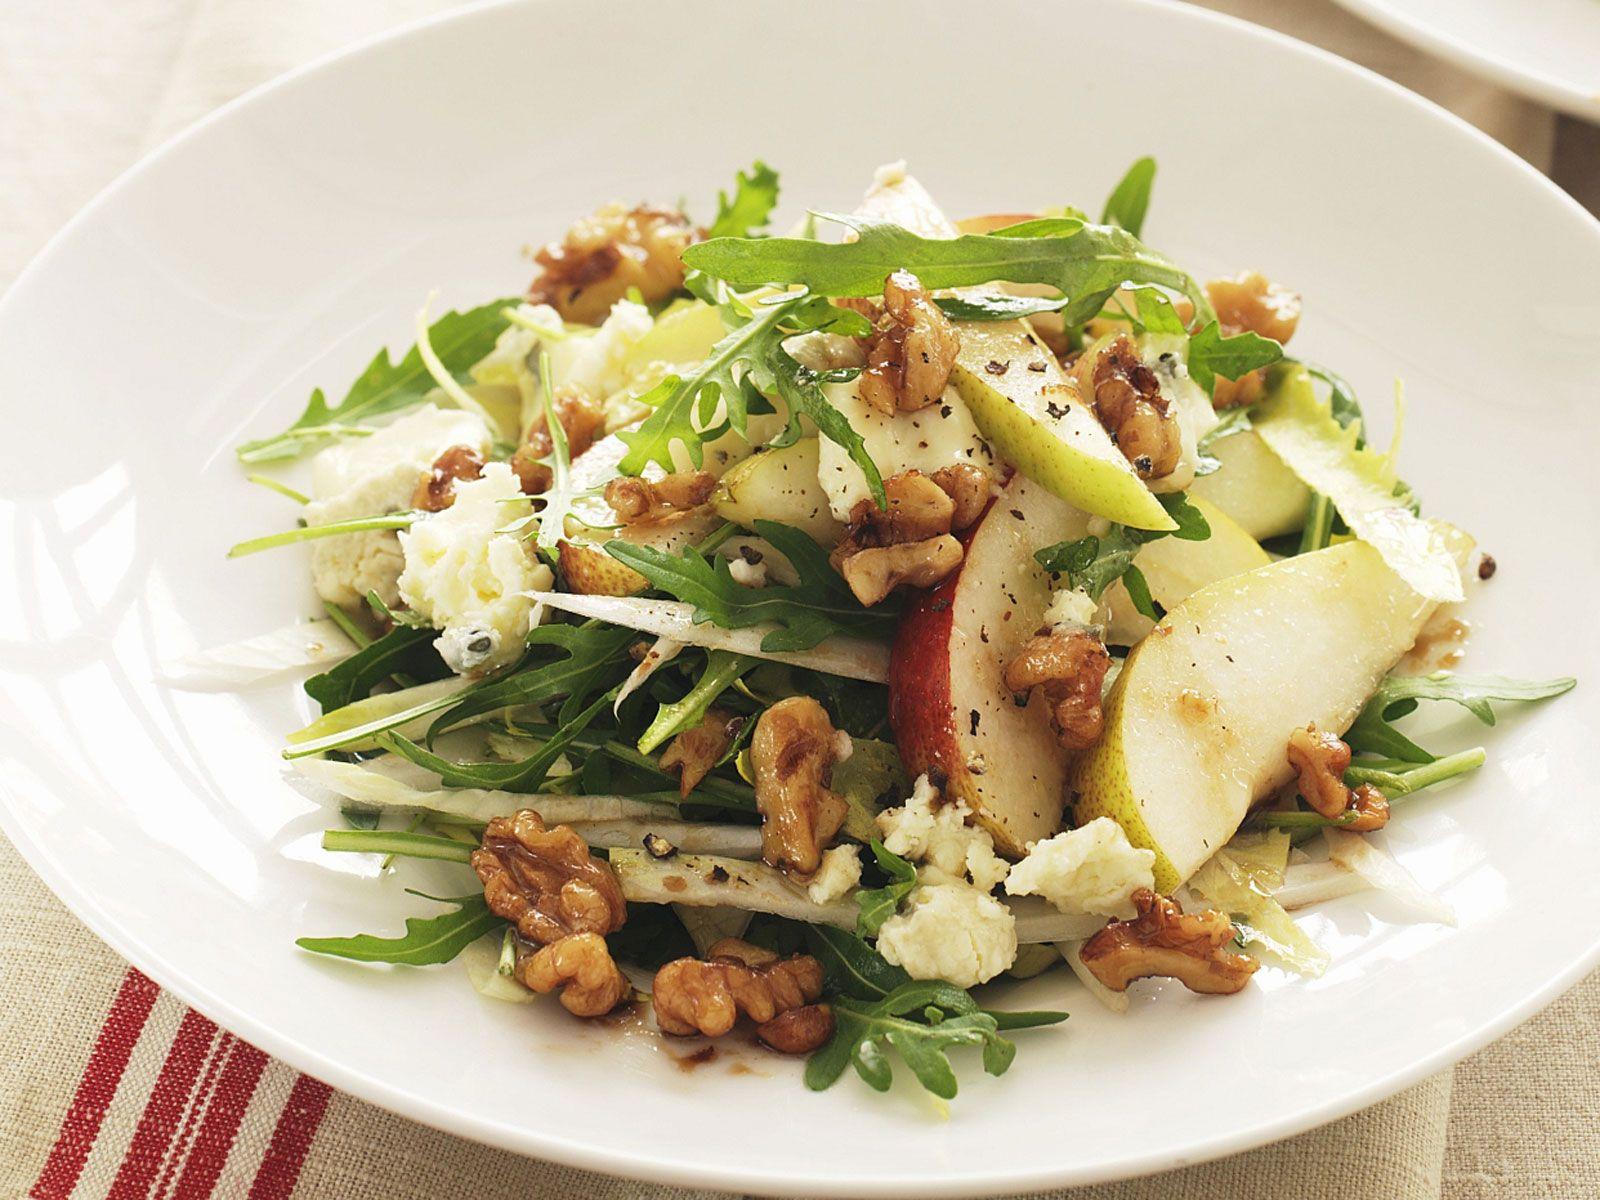 rezepte salate mit nussen gesundes essen und rezepte foto blog. Black Bedroom Furniture Sets. Home Design Ideas